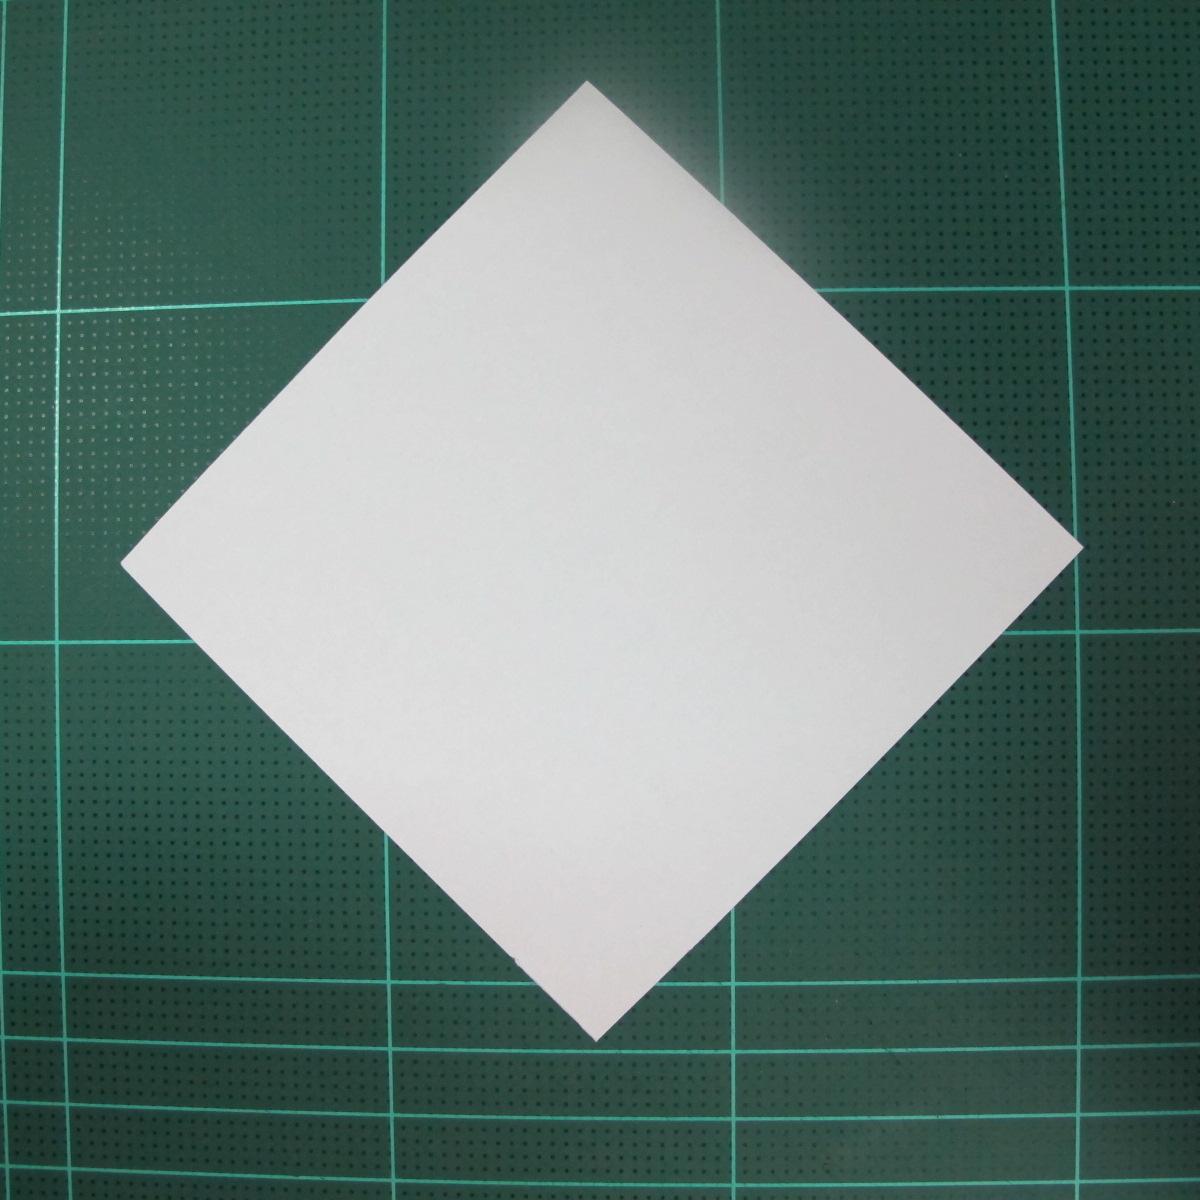 วิธีพับกล่องของขวัญแบบโมดูล่า (Modular Origami Decorative Box) โดย Tomoko Fuse 003